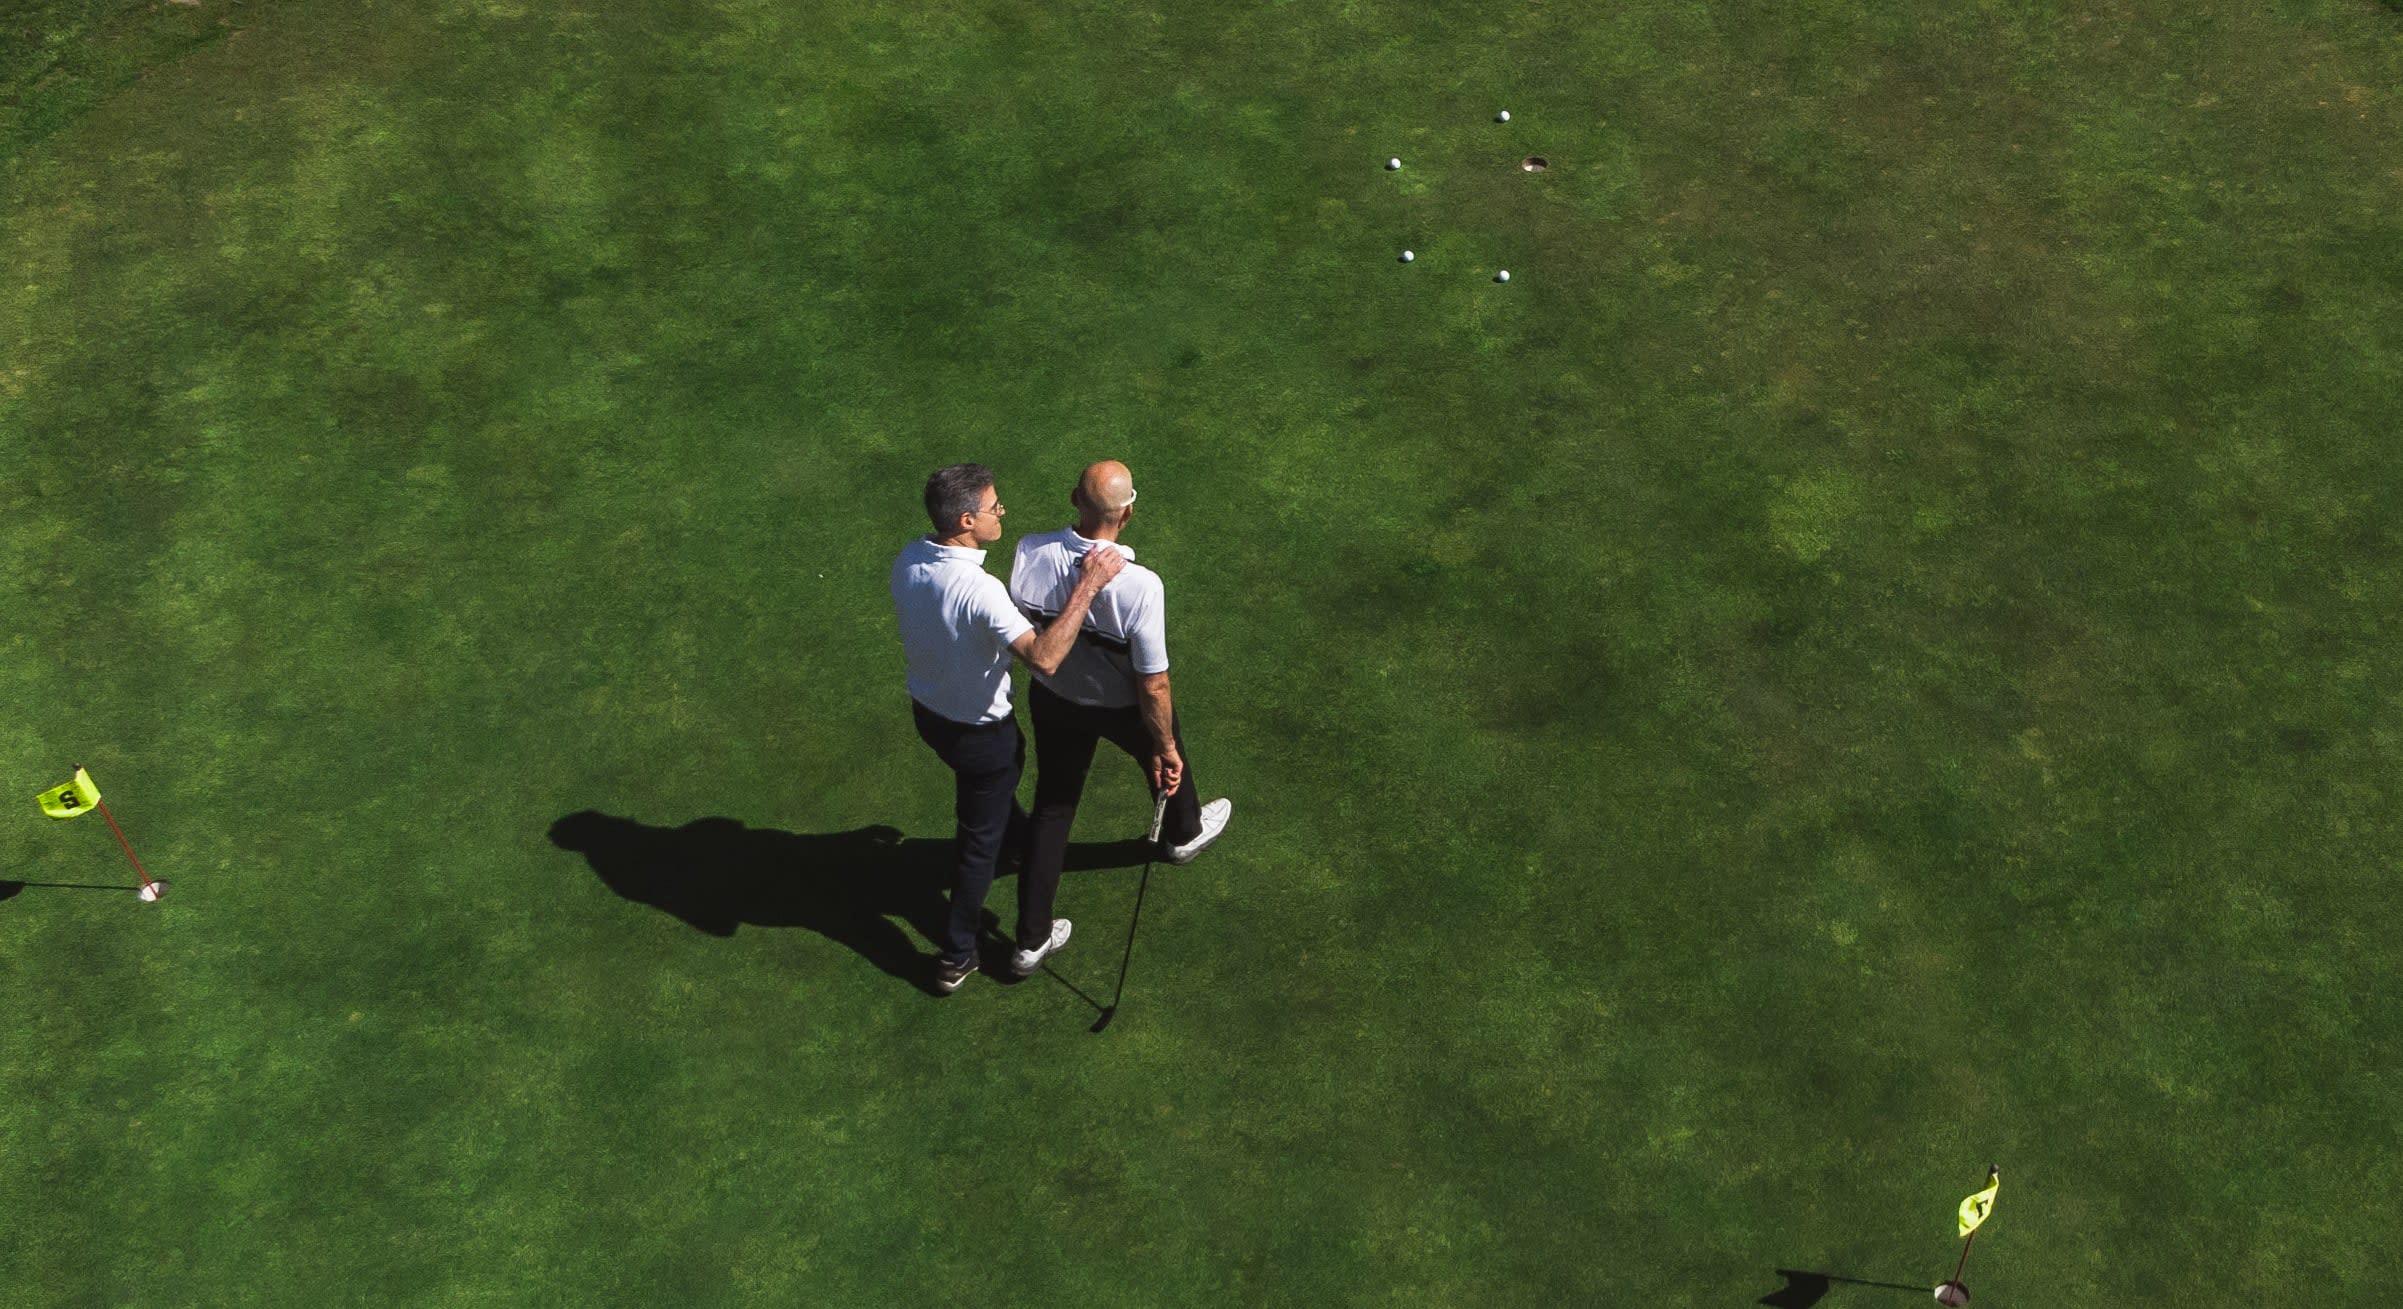 Deux hommes qui se discutent sur le green de golf.